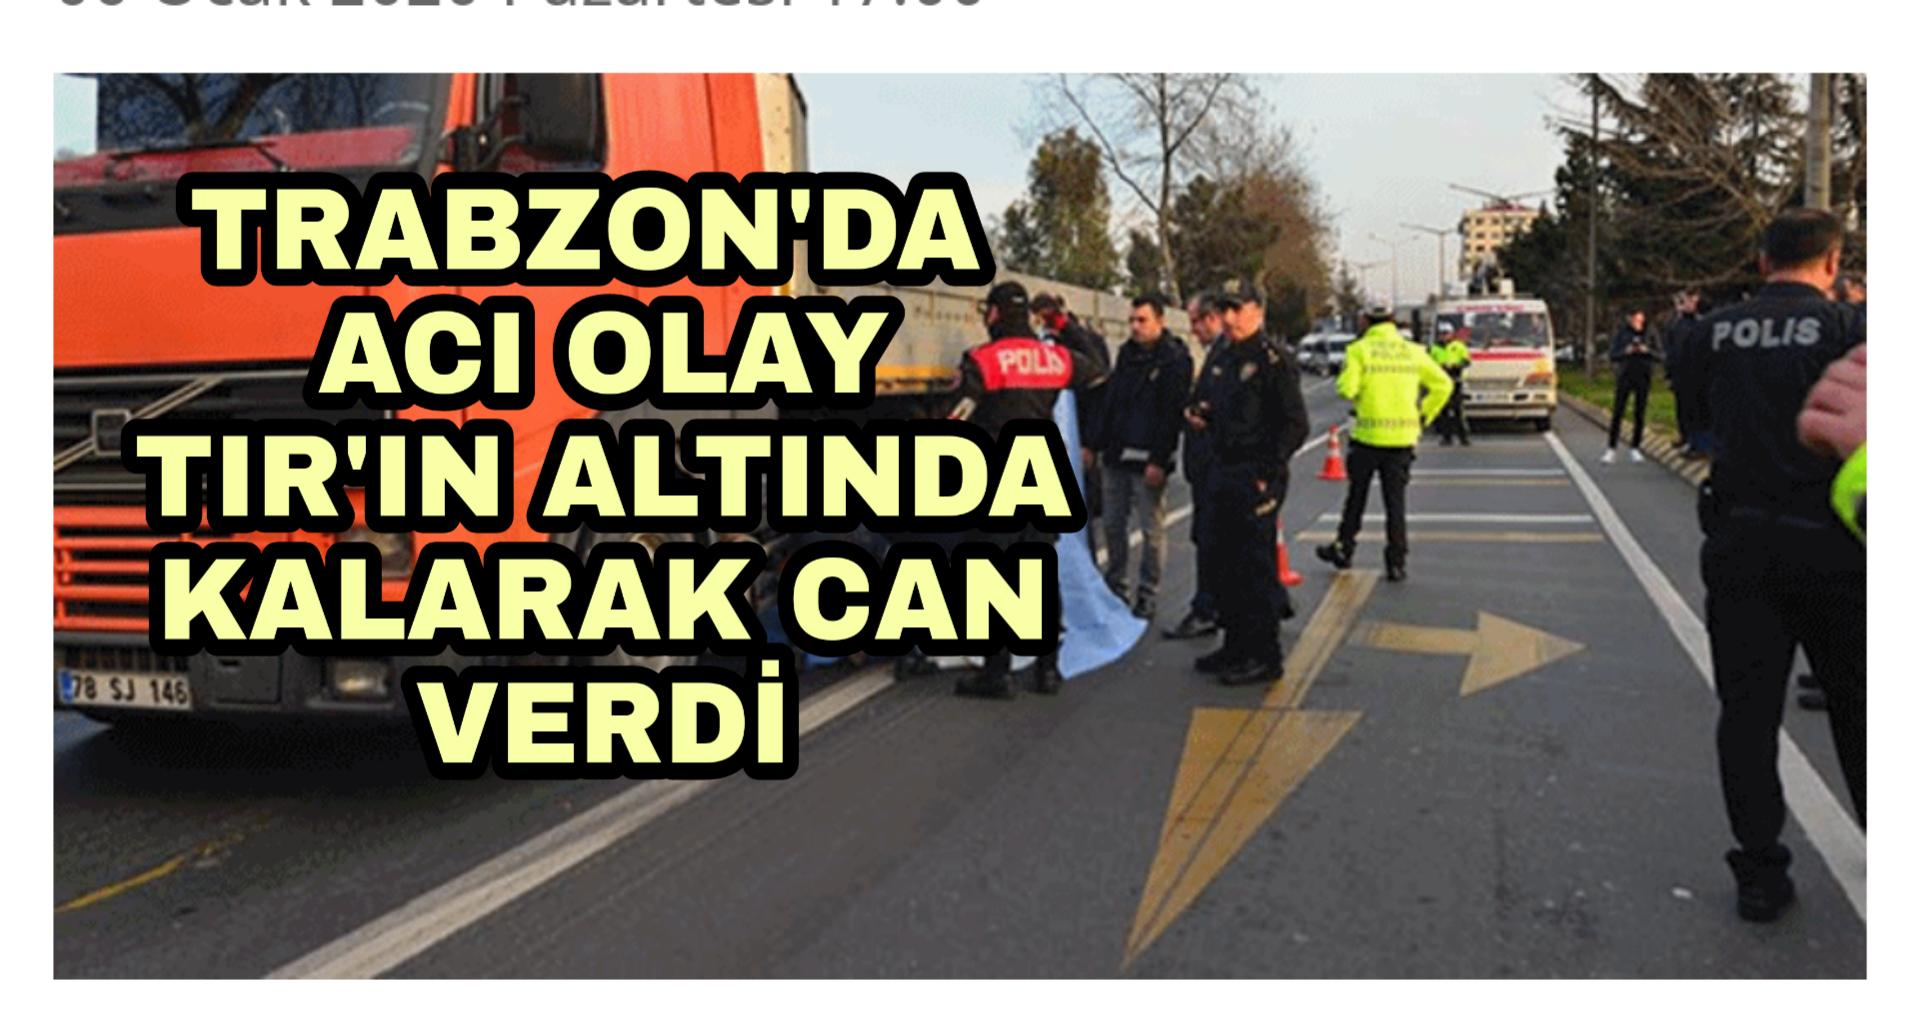 Trabzon'da   Tır'ın Altında Kalarak Can verdi